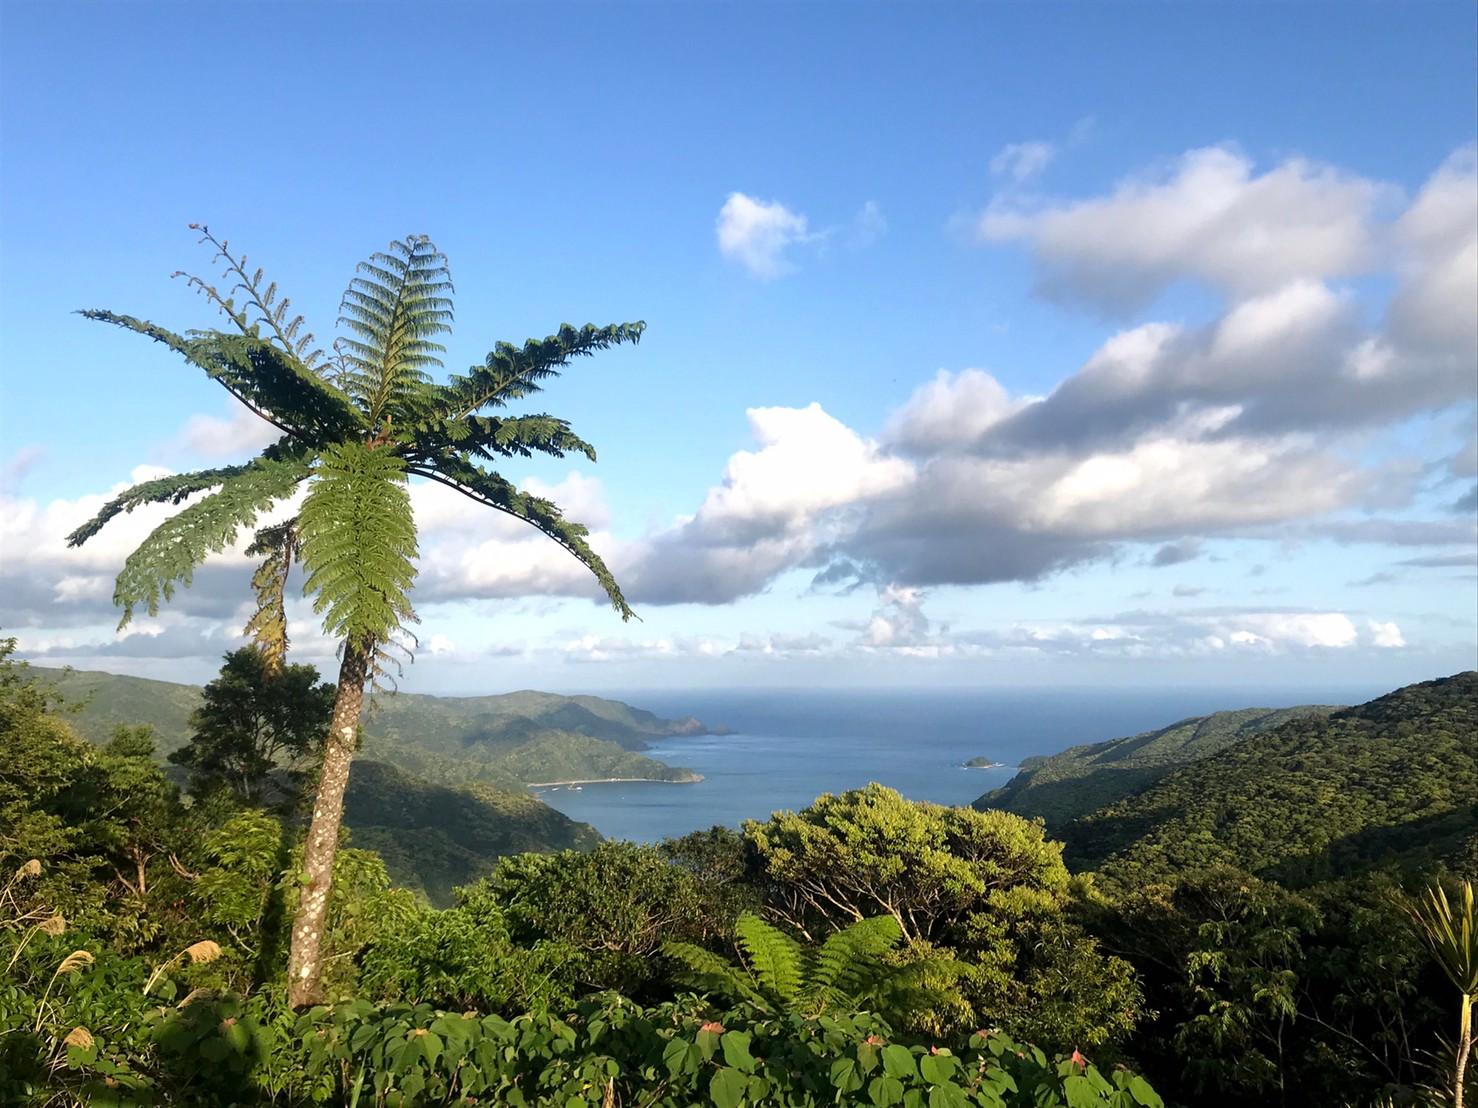 【奄美大島】世界自然遺産登録の理由とエリアを簡単解説!